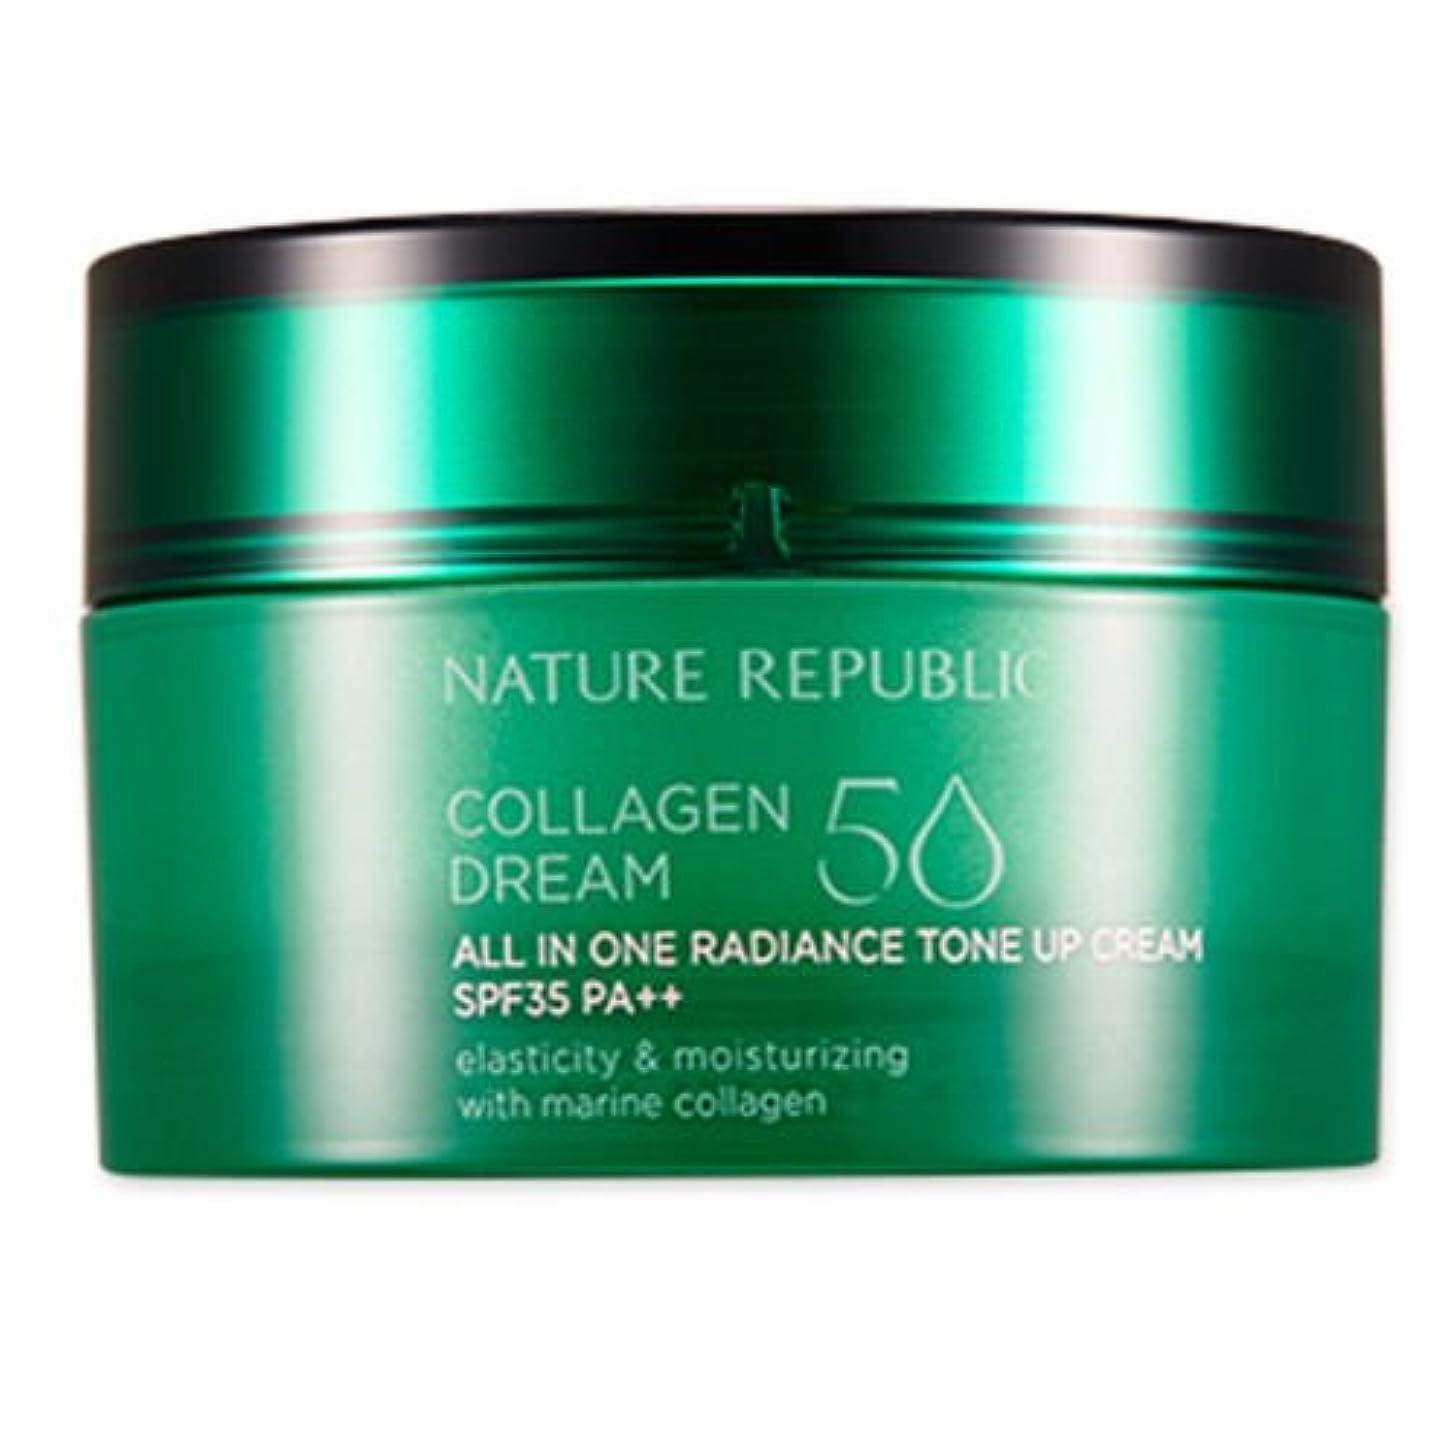 損なう睡眠ショップNATURE REPUBLIC Collagen Dream 50 All-In-One Radiance Tone Up Cream(SPF35PA++) ネイチャーリパブリック [韓国コスメ ] コラーゲンドリーム50オールインワンラディアンストンアップクリーム(SPF35PA++) [並行輸入品]